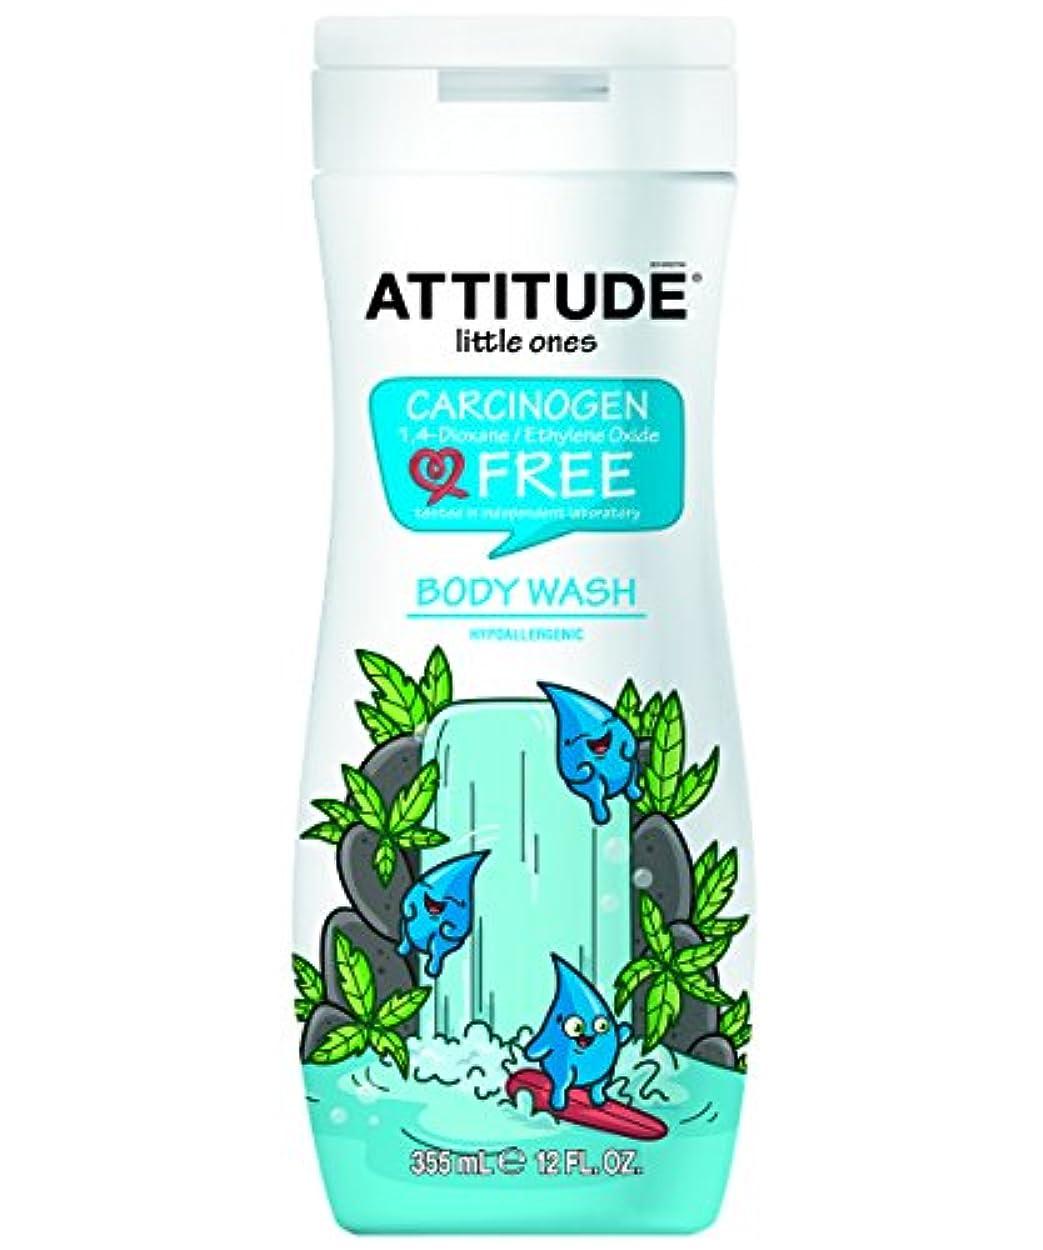 話をする豆腐うなり声Attitude Eco Kids Hypoallergenic Body Wash (355ml) 姿勢エコキッズ低刺激性ボディウォッシュ( 355ミリリットル)